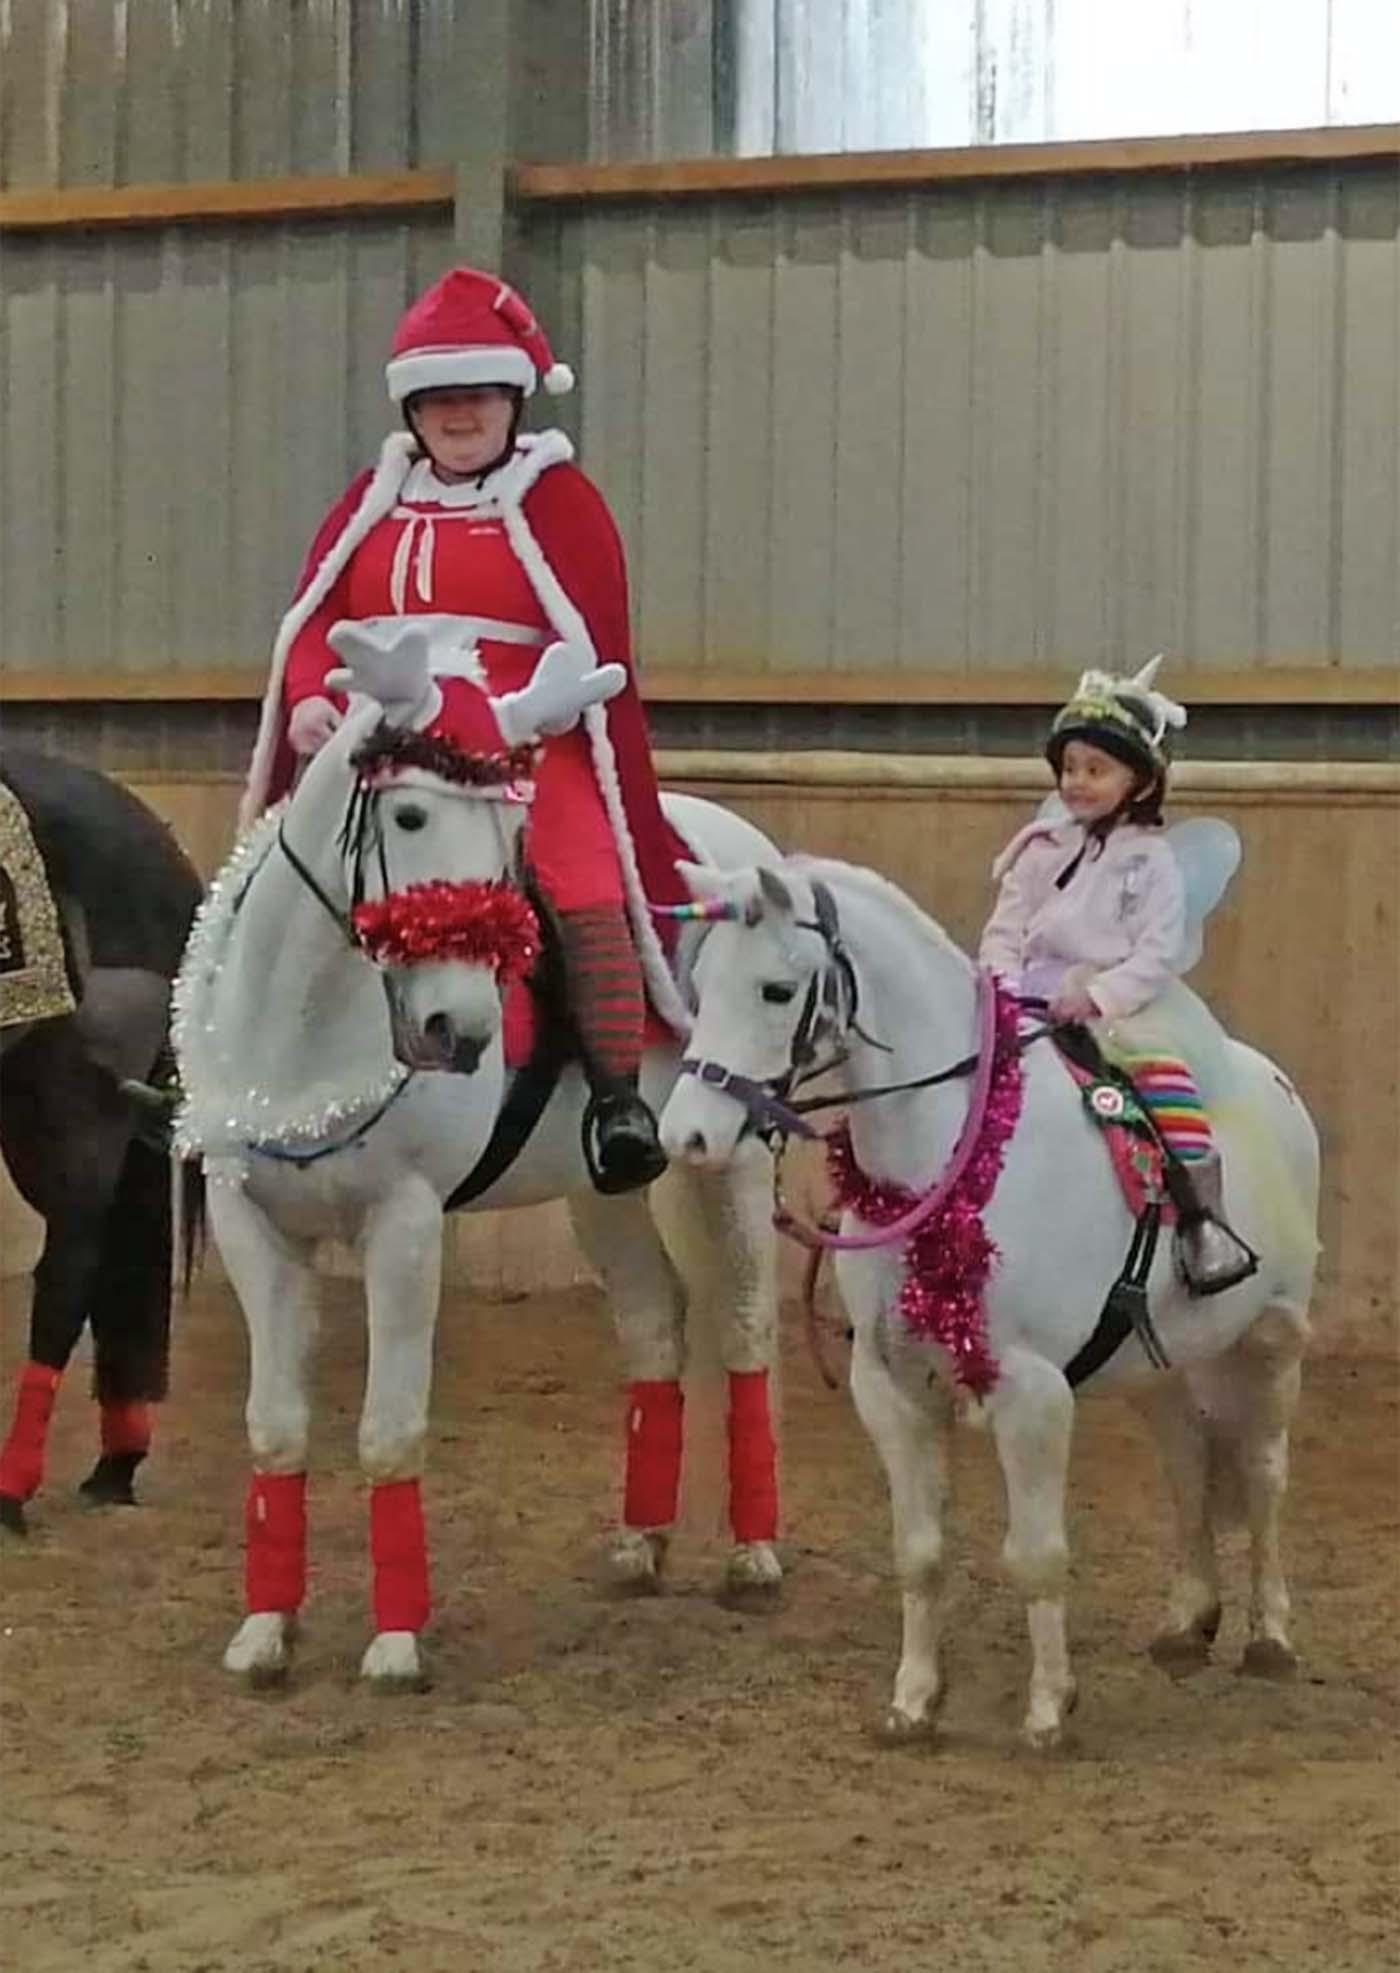 Entre no espírito festivo! 13 ideias de fantasias de Natal para cavaleiros de todas as idades e suas montarias (de rena) 7